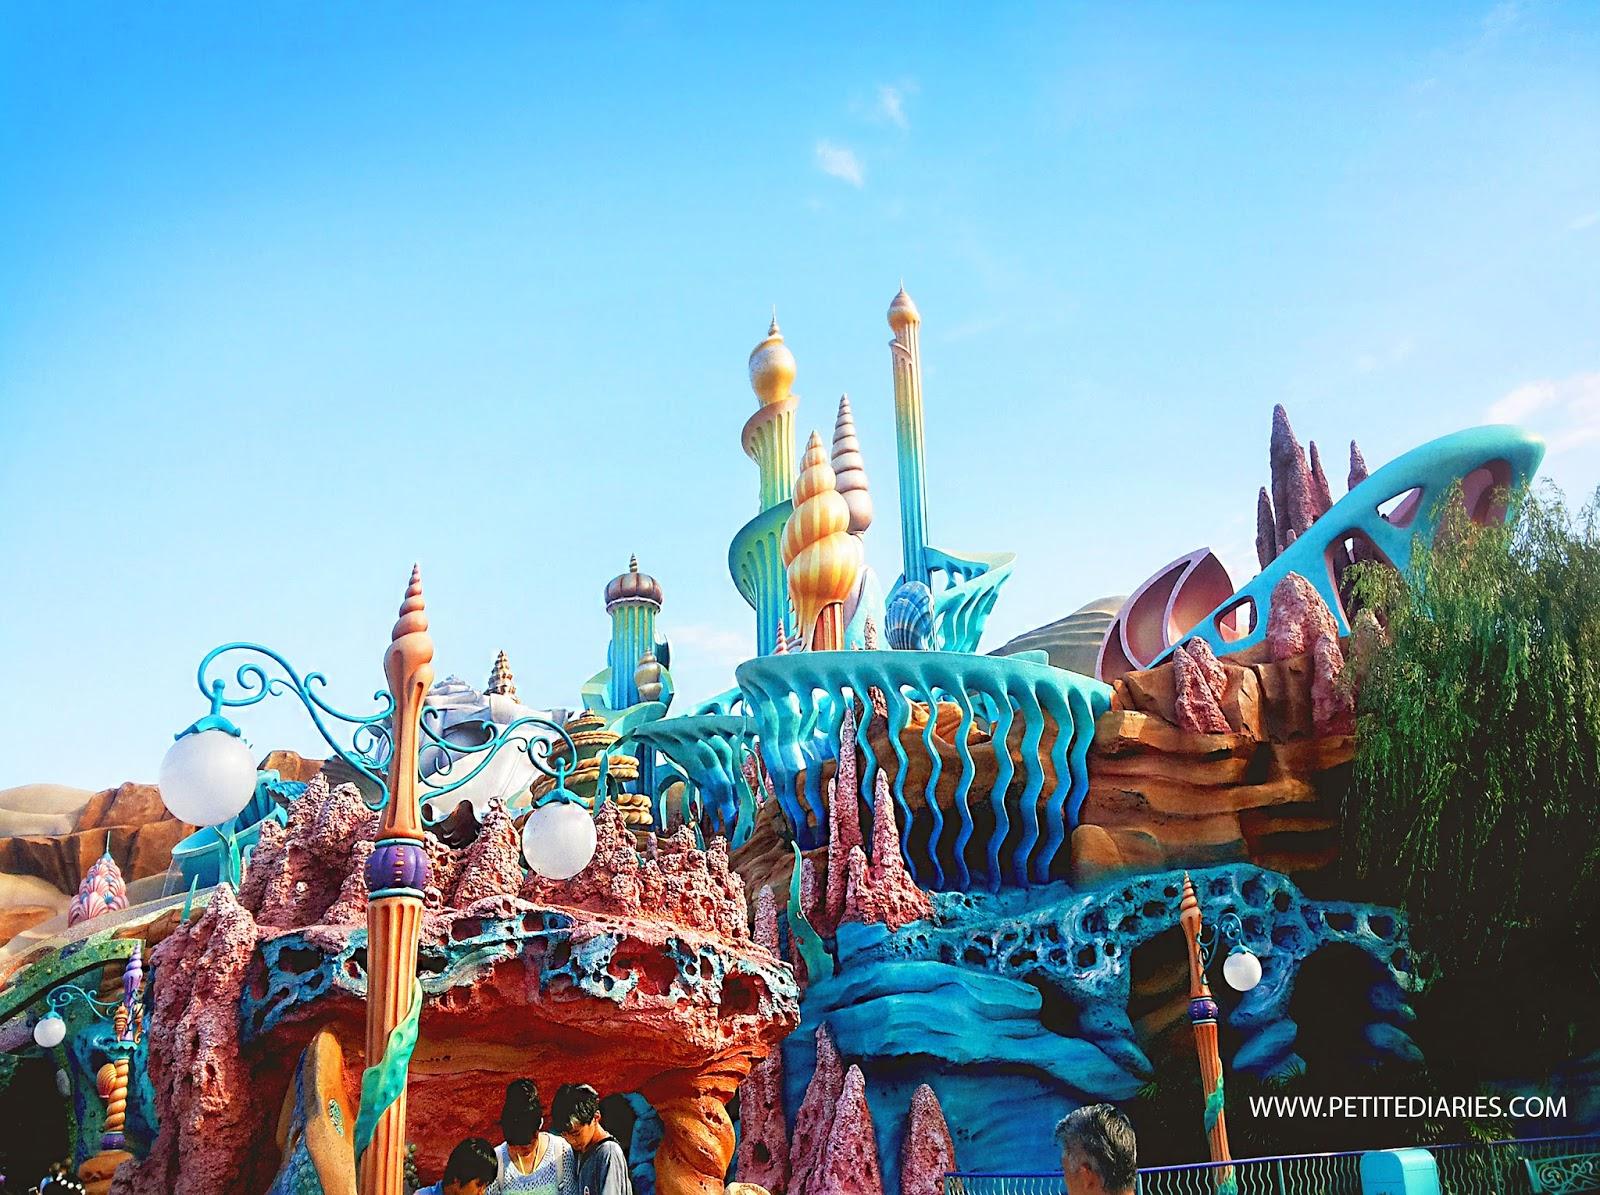 disneysea tokyo mermaid entrance